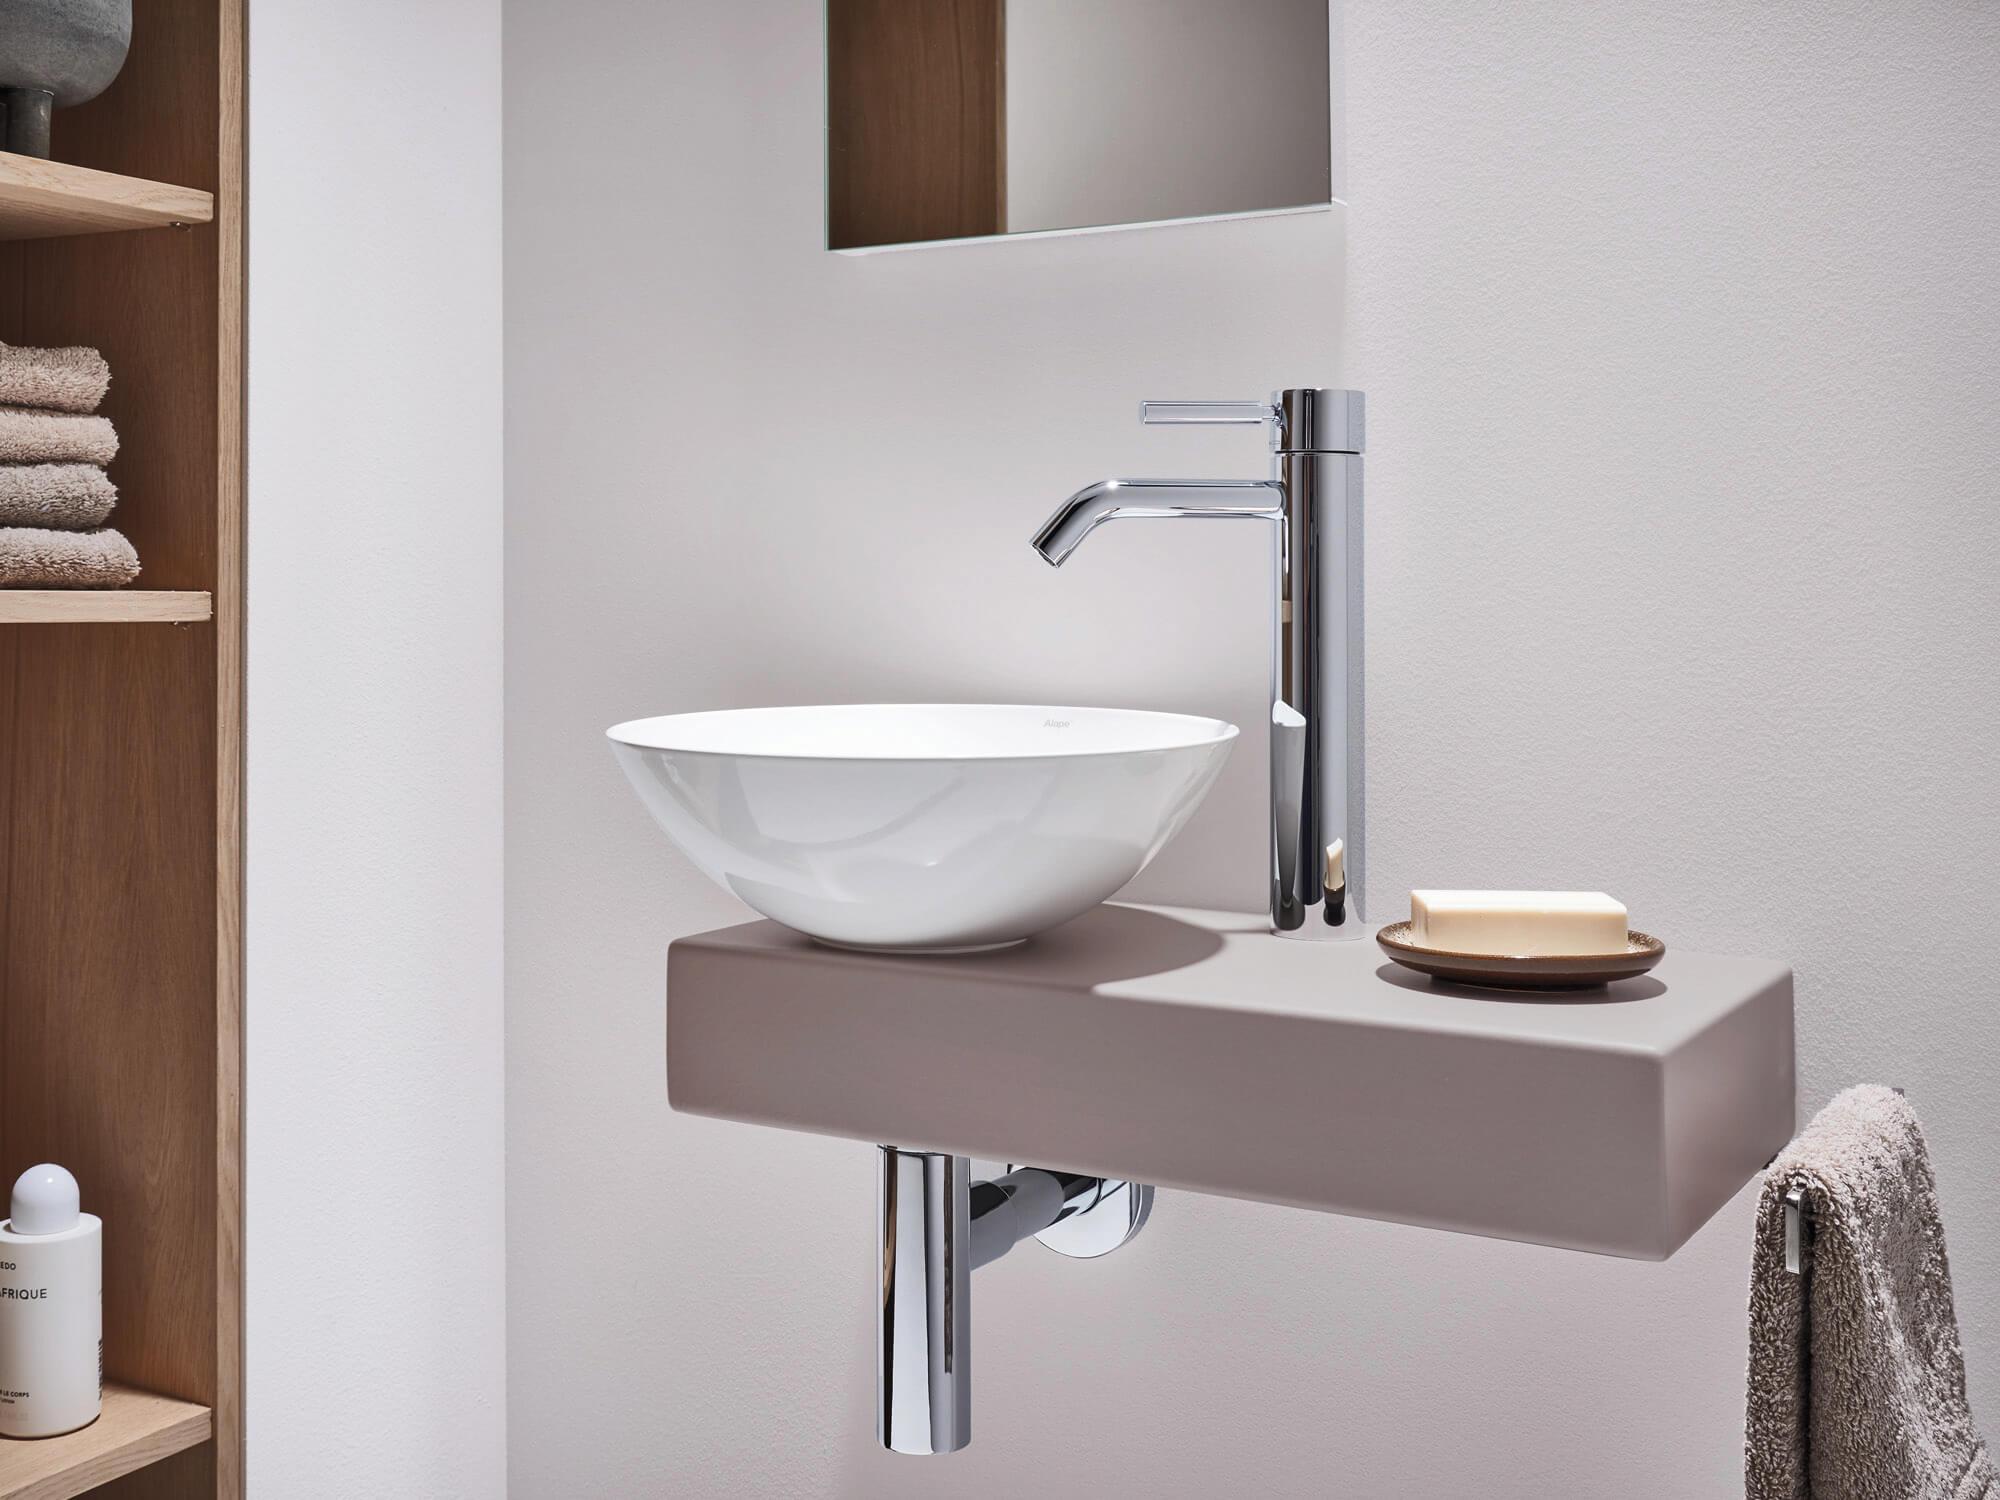 Piccolo Novo Basin Bowl & Shelf in Small Bathroom